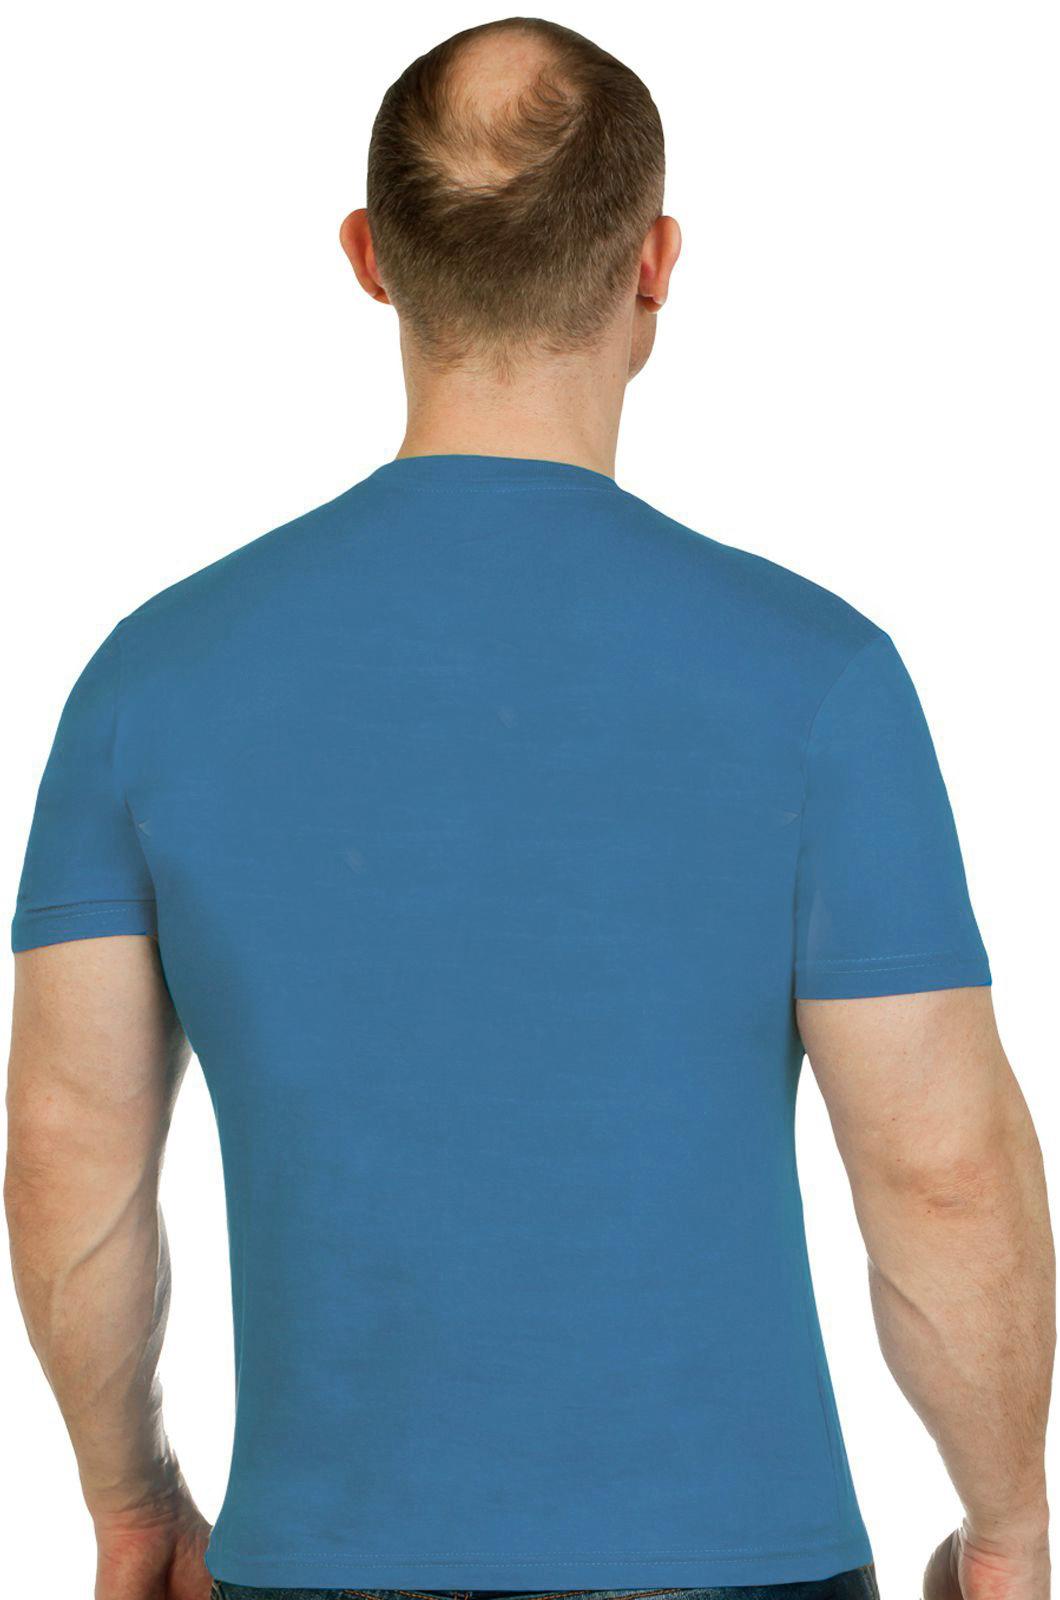 Оригинальная бирюзовая футболка с вышивкой ВДВ - купить оптом